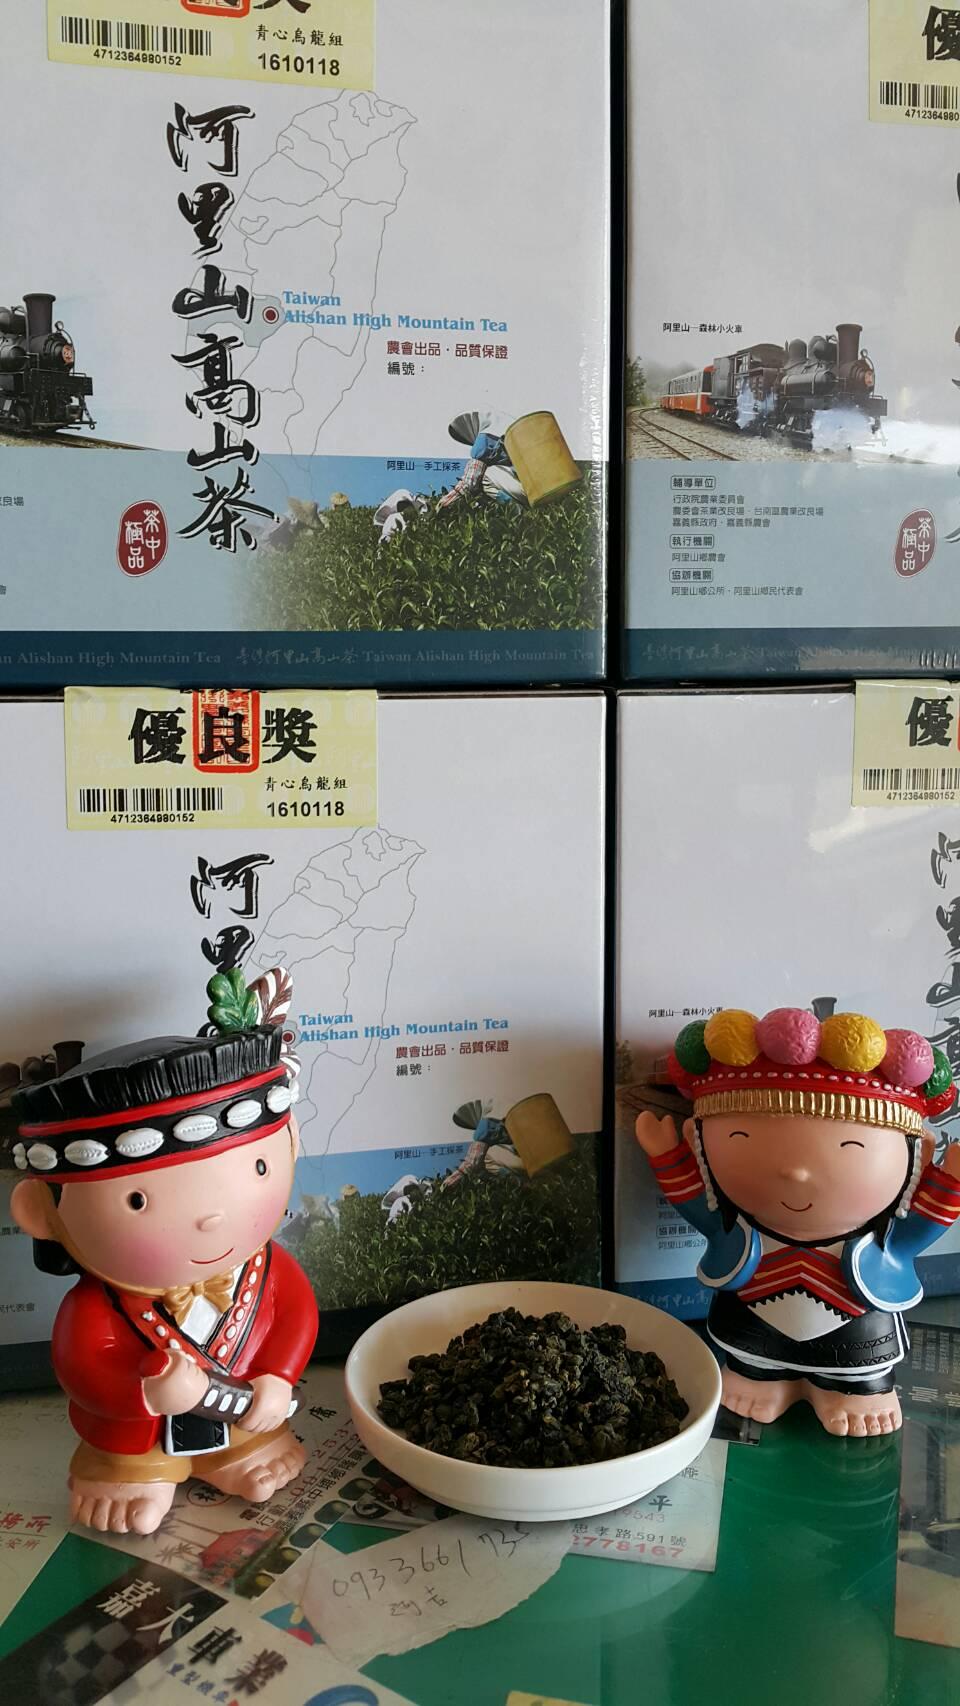 台灣阿里山高山茶優良